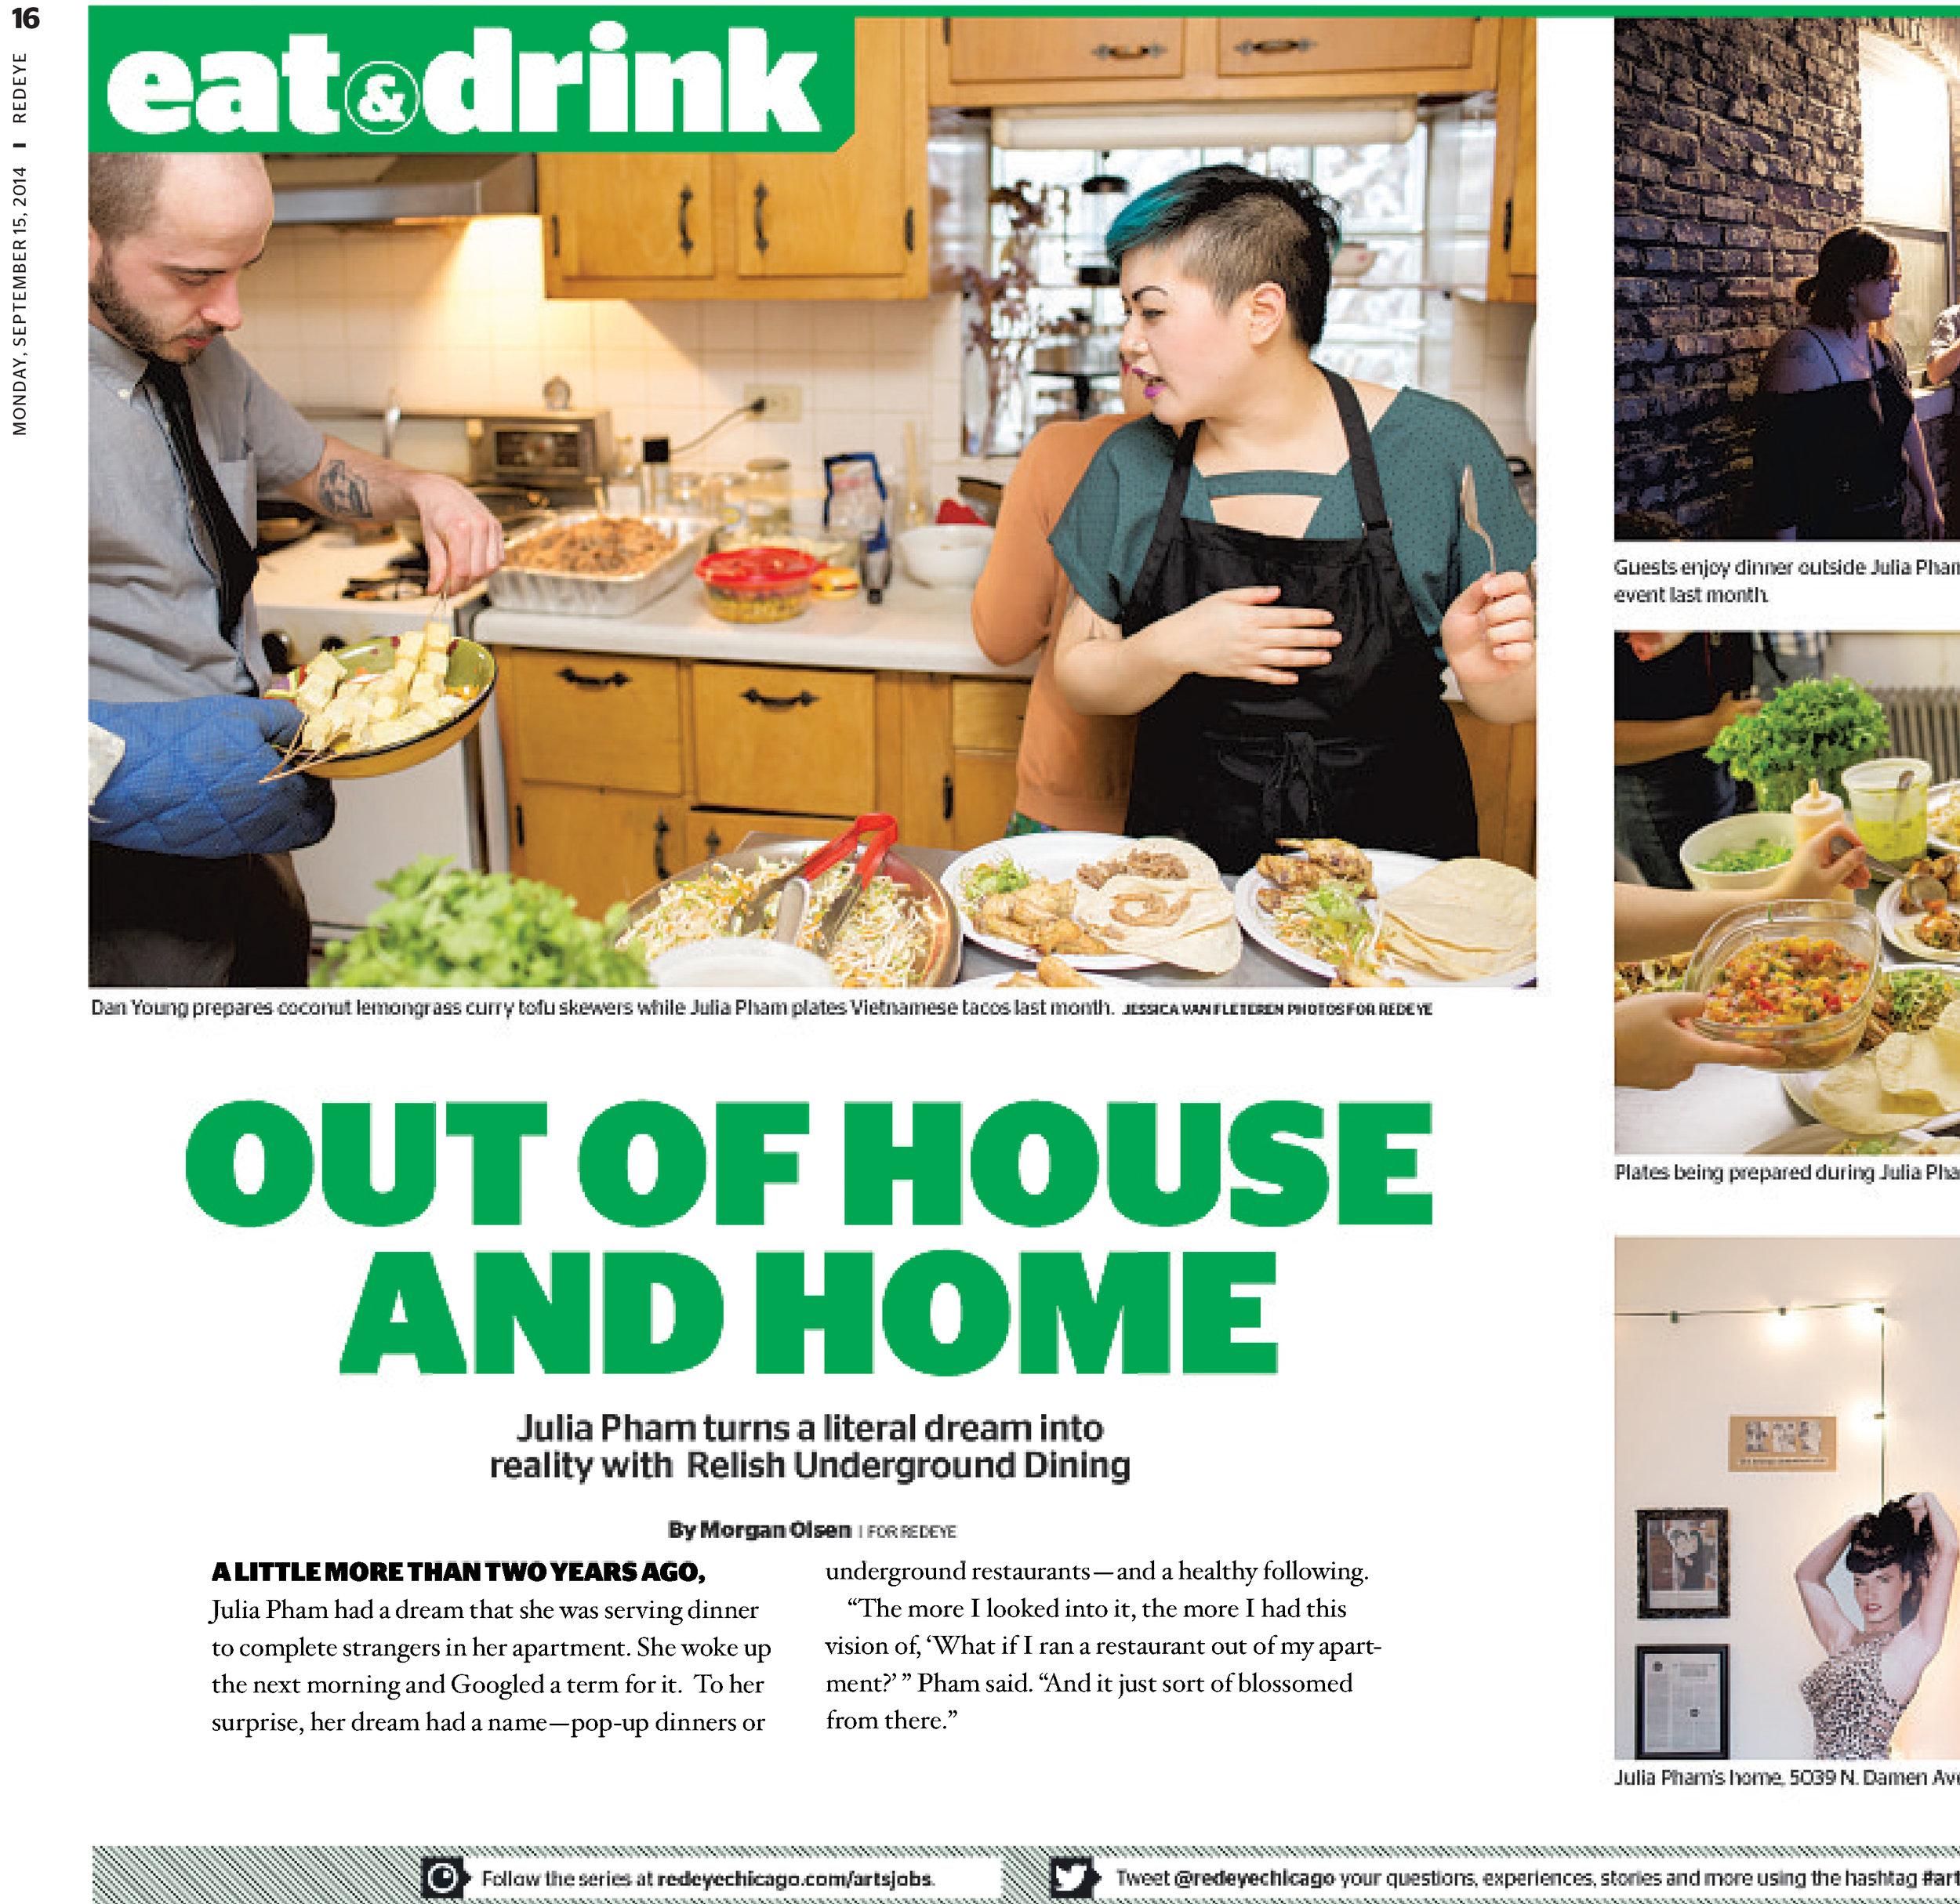 redeye-chicago-magazine-20140915.jpg